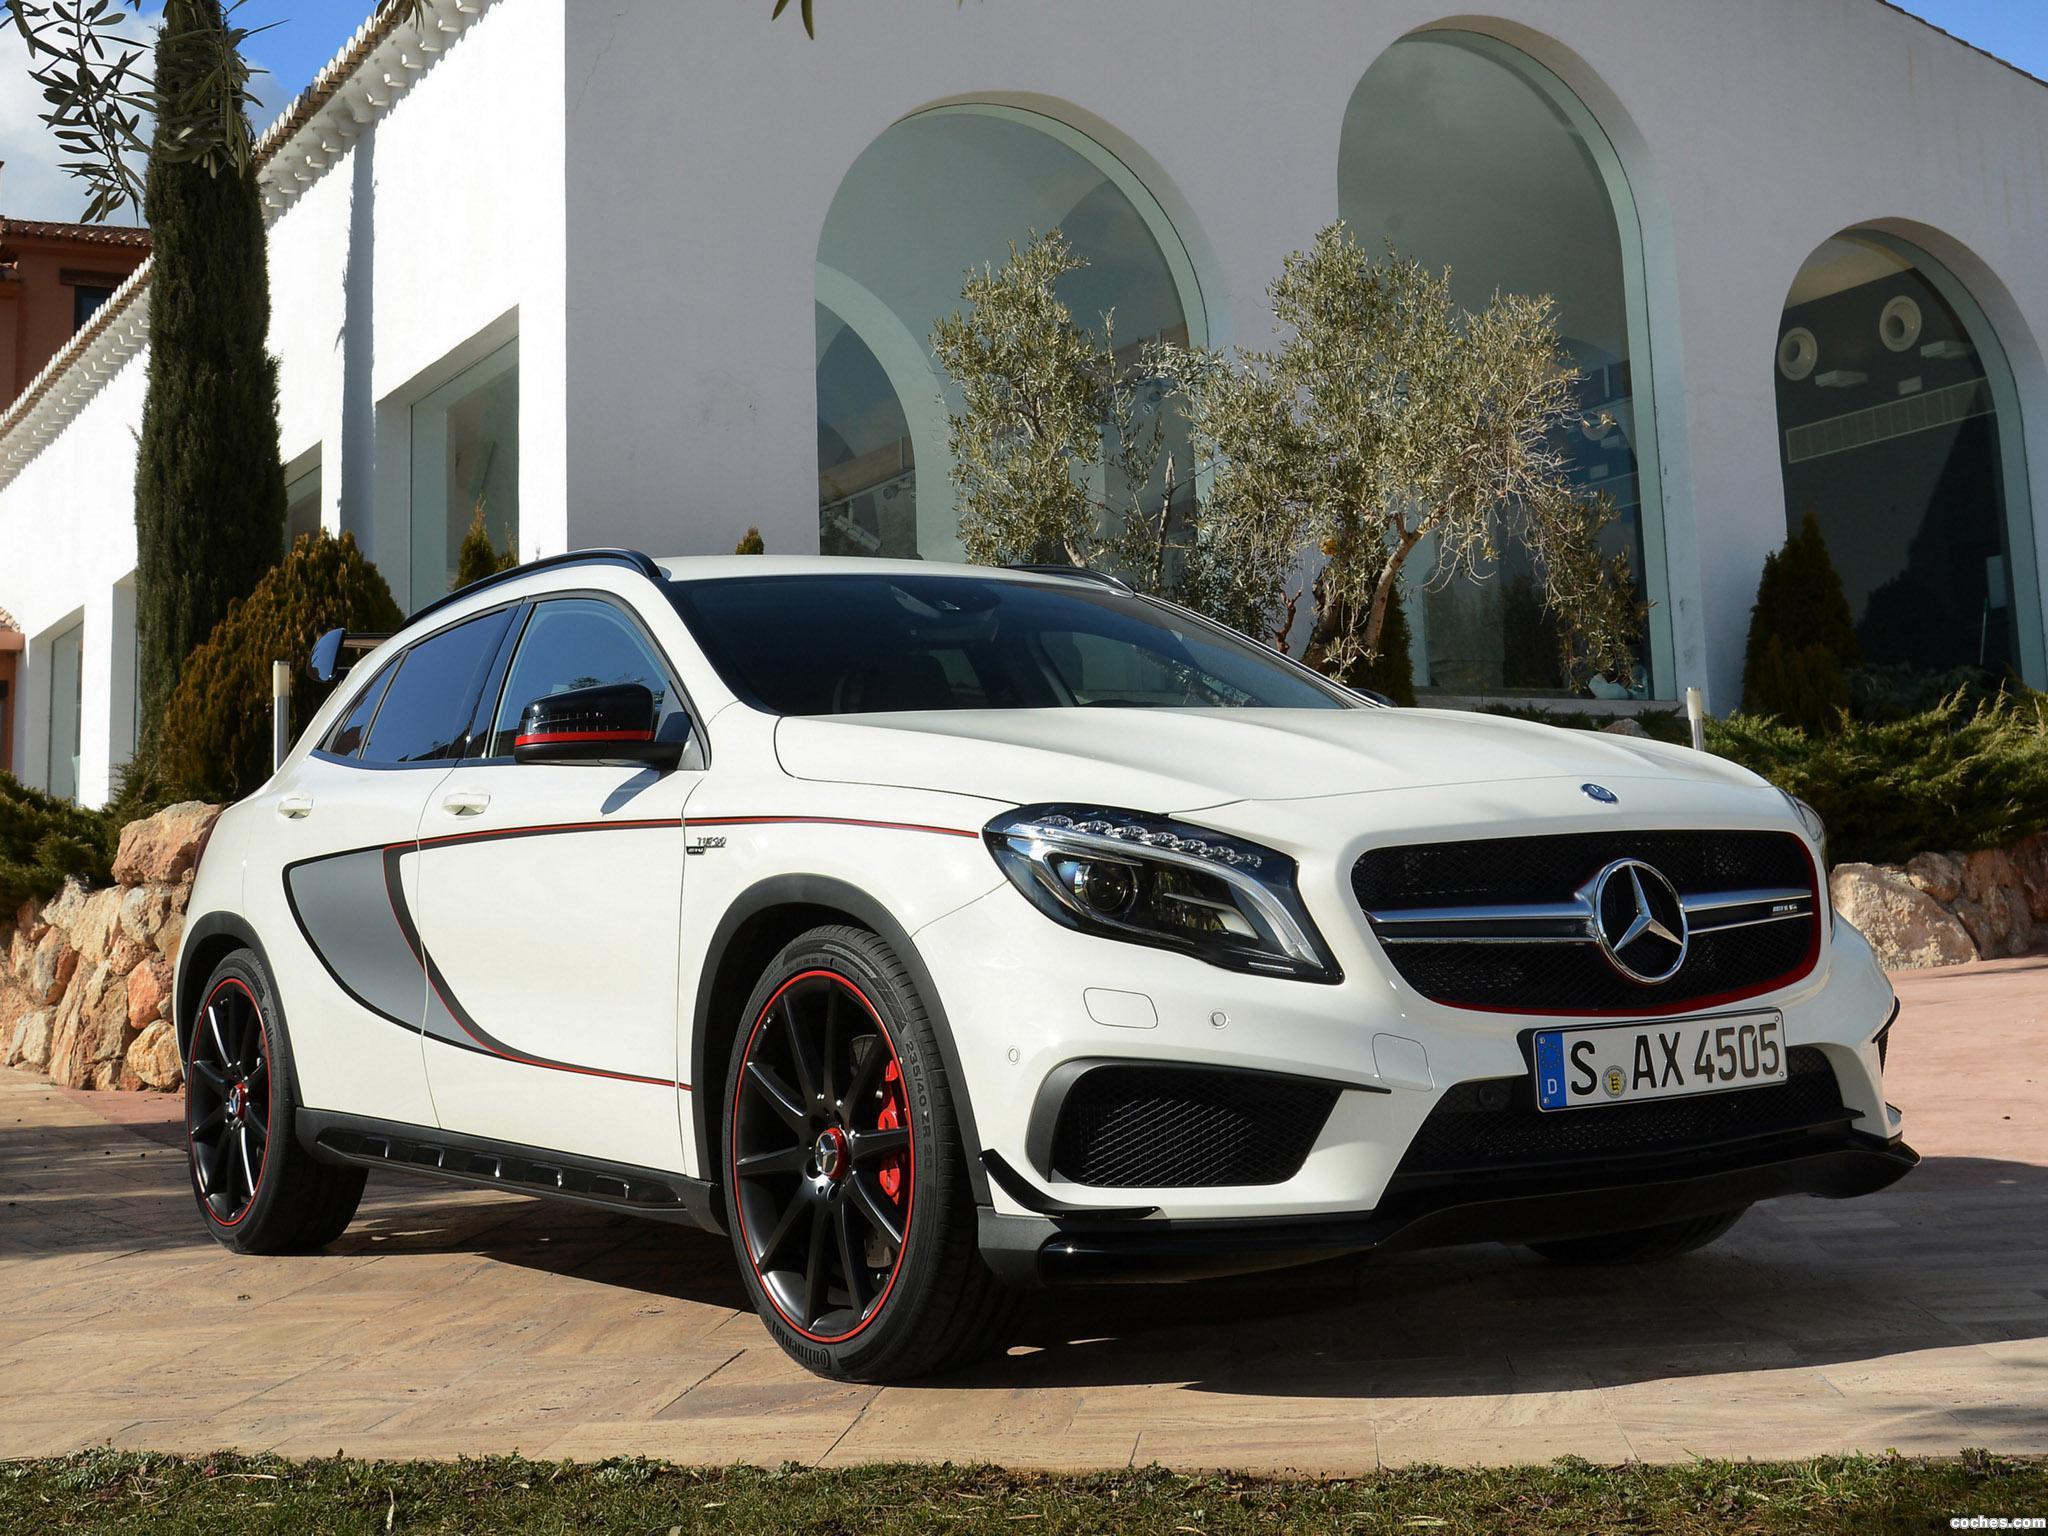 Foto 0 de Mercedes GLA 45 AMG Edition 1 X156 2014